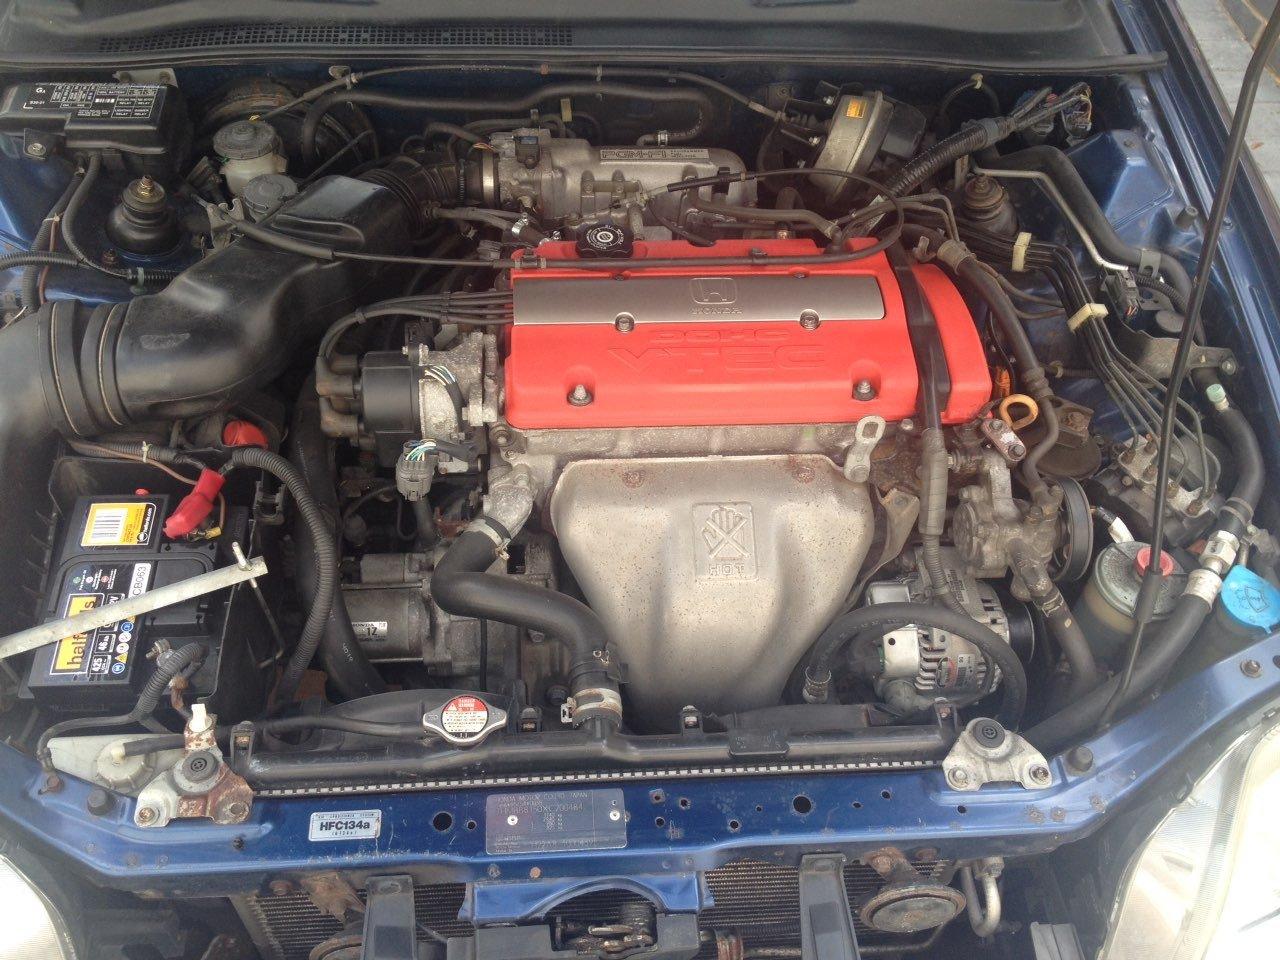 2000 Honda Prelude 2.2 VTI MOTEGI For Sale (picture 5 of 6)